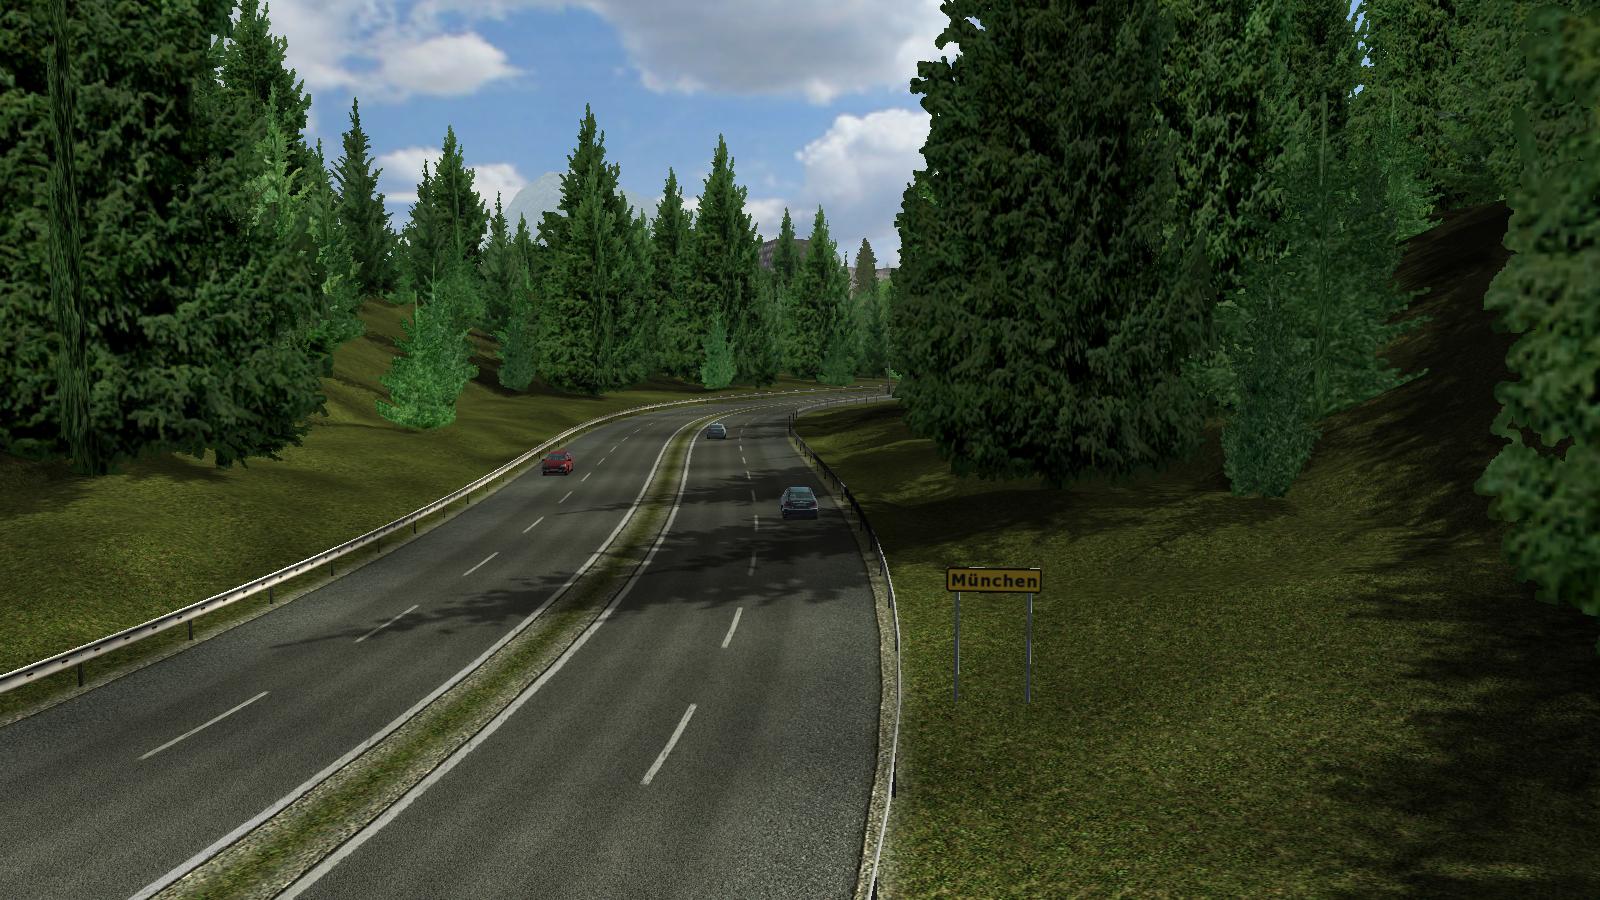 München/Euro Truck Simulator